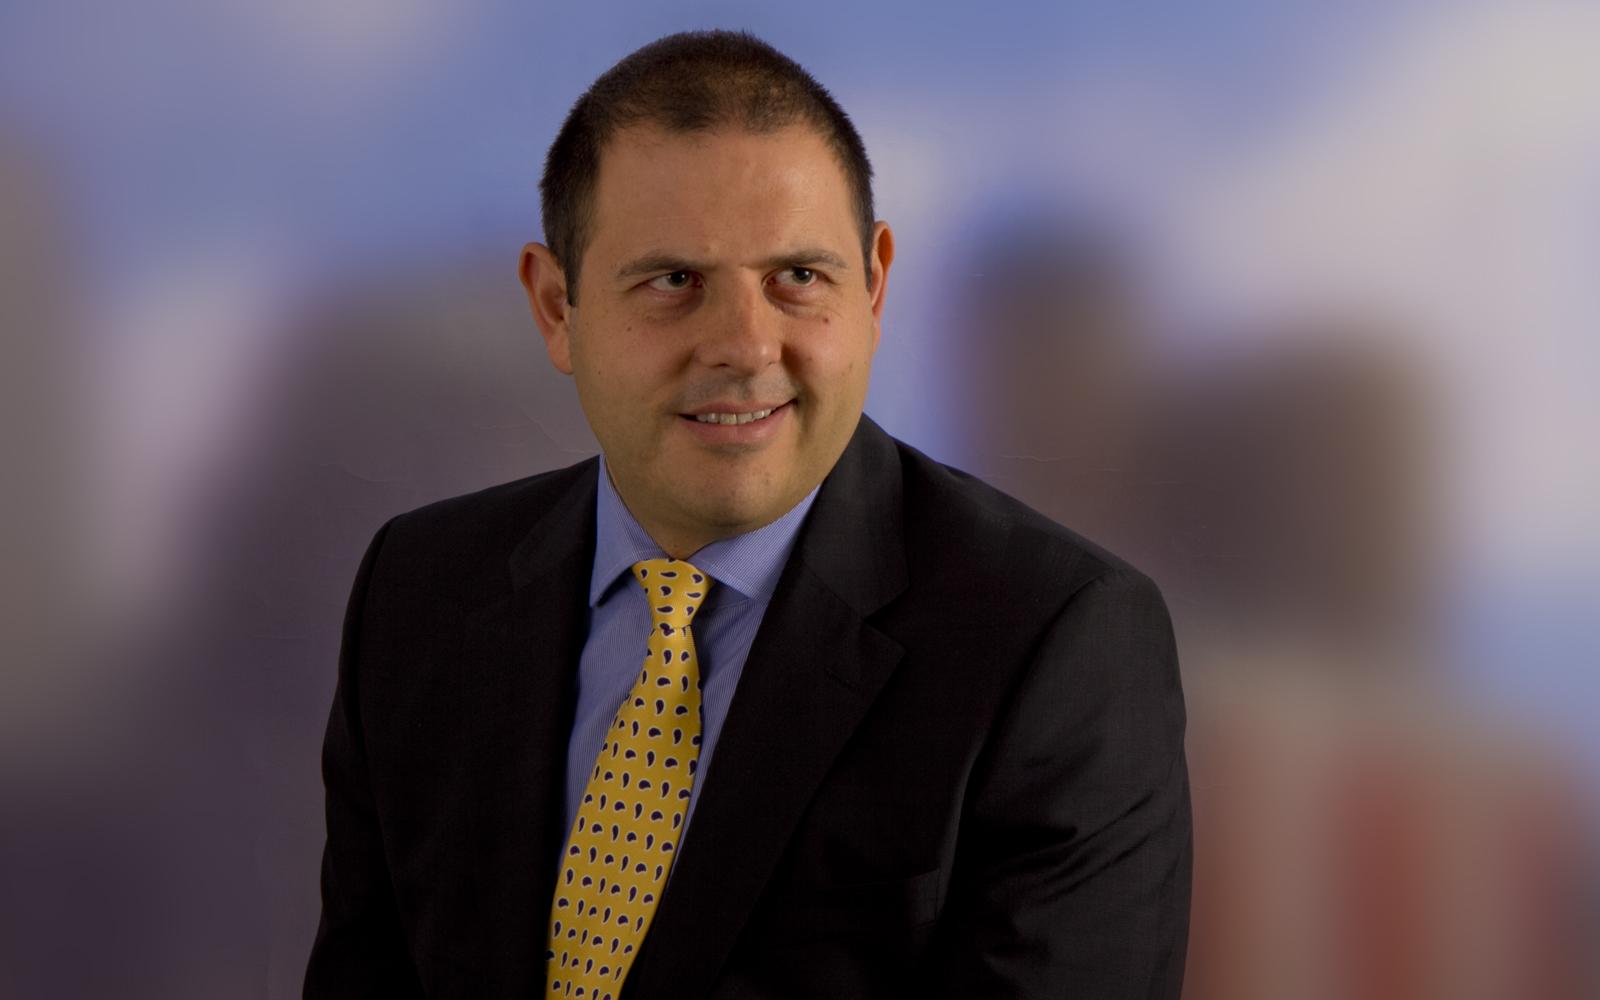 Gabriel Liberatore